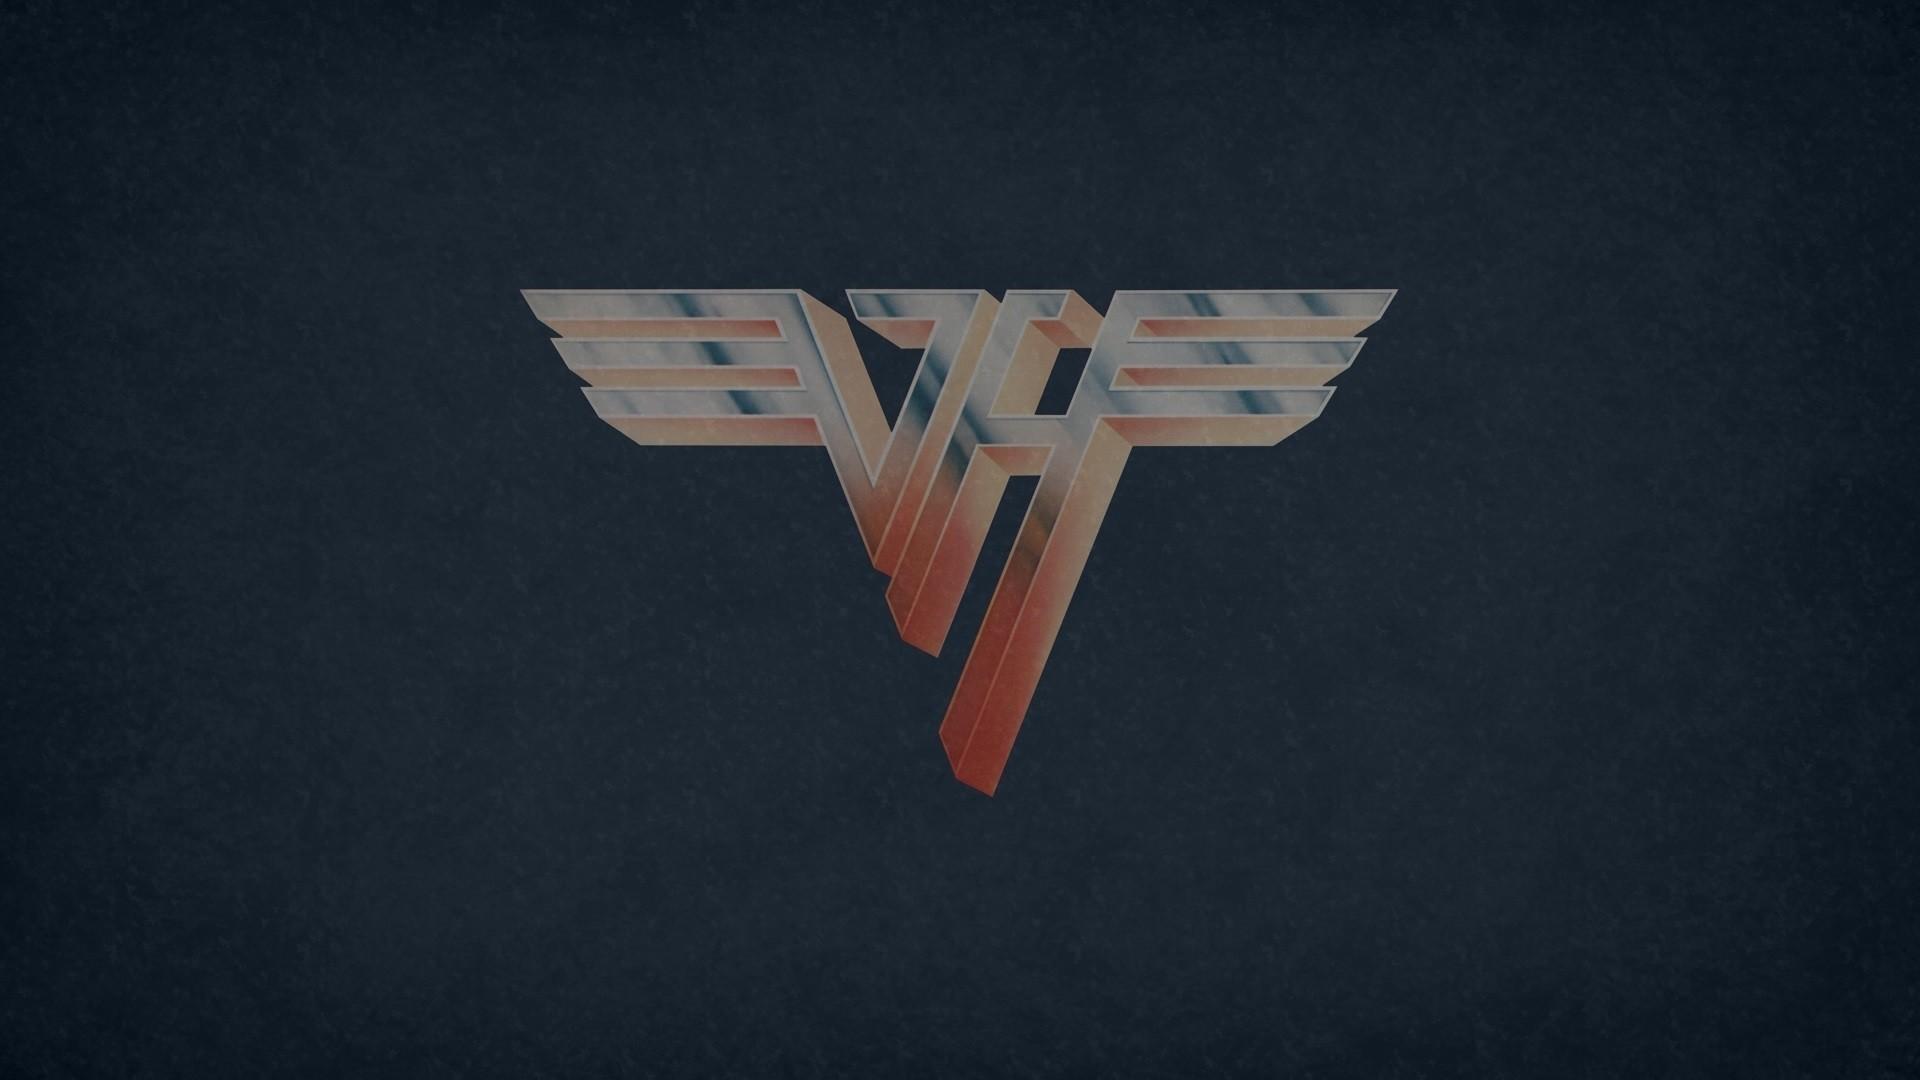 Res: 1920x1080, Van Halen Wallpaper ...